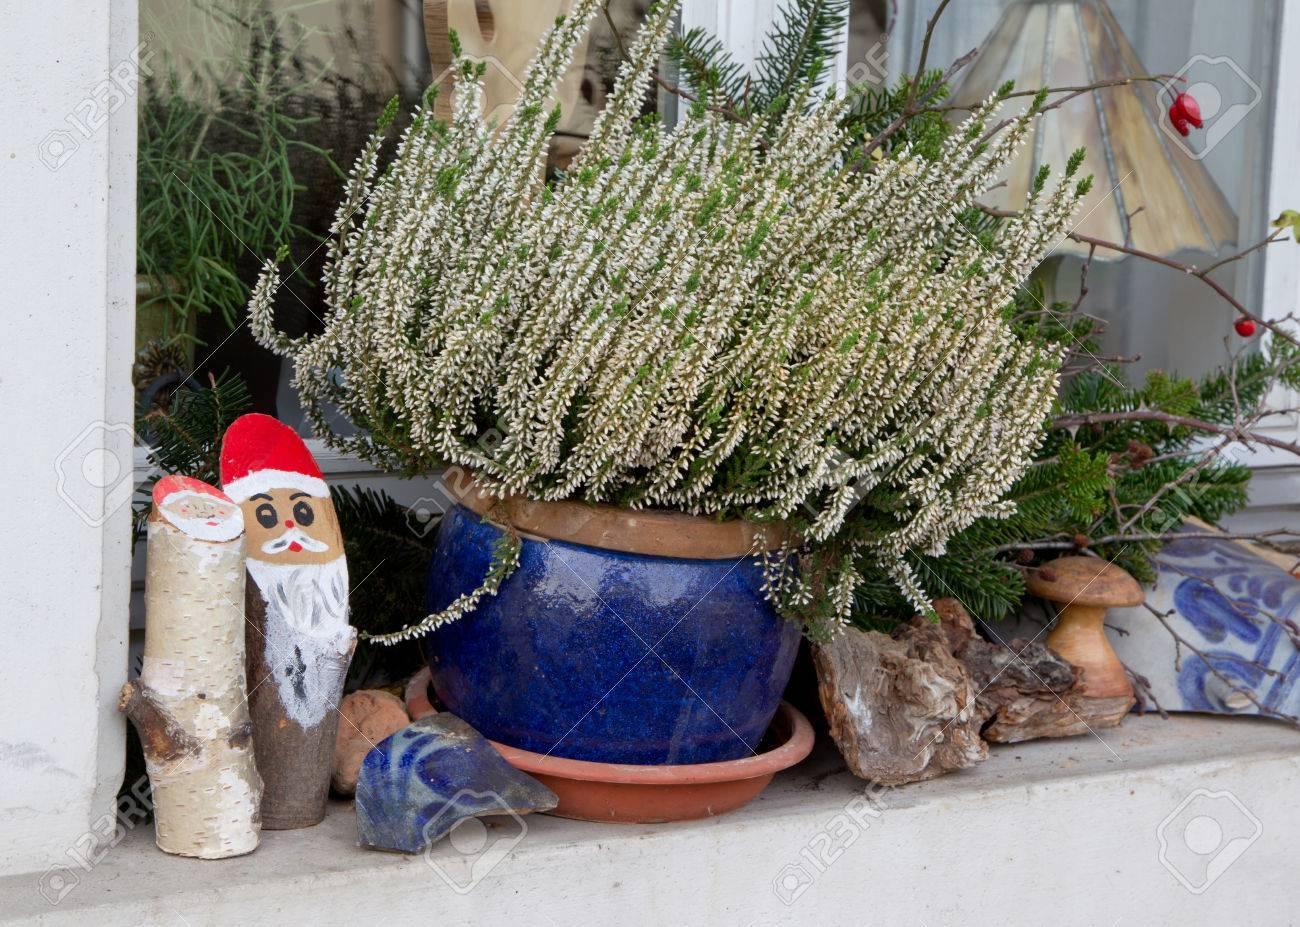 Fensterbank Aussen Mit Heidekraut Und Sankt Fur Weihnachten Dekoriert